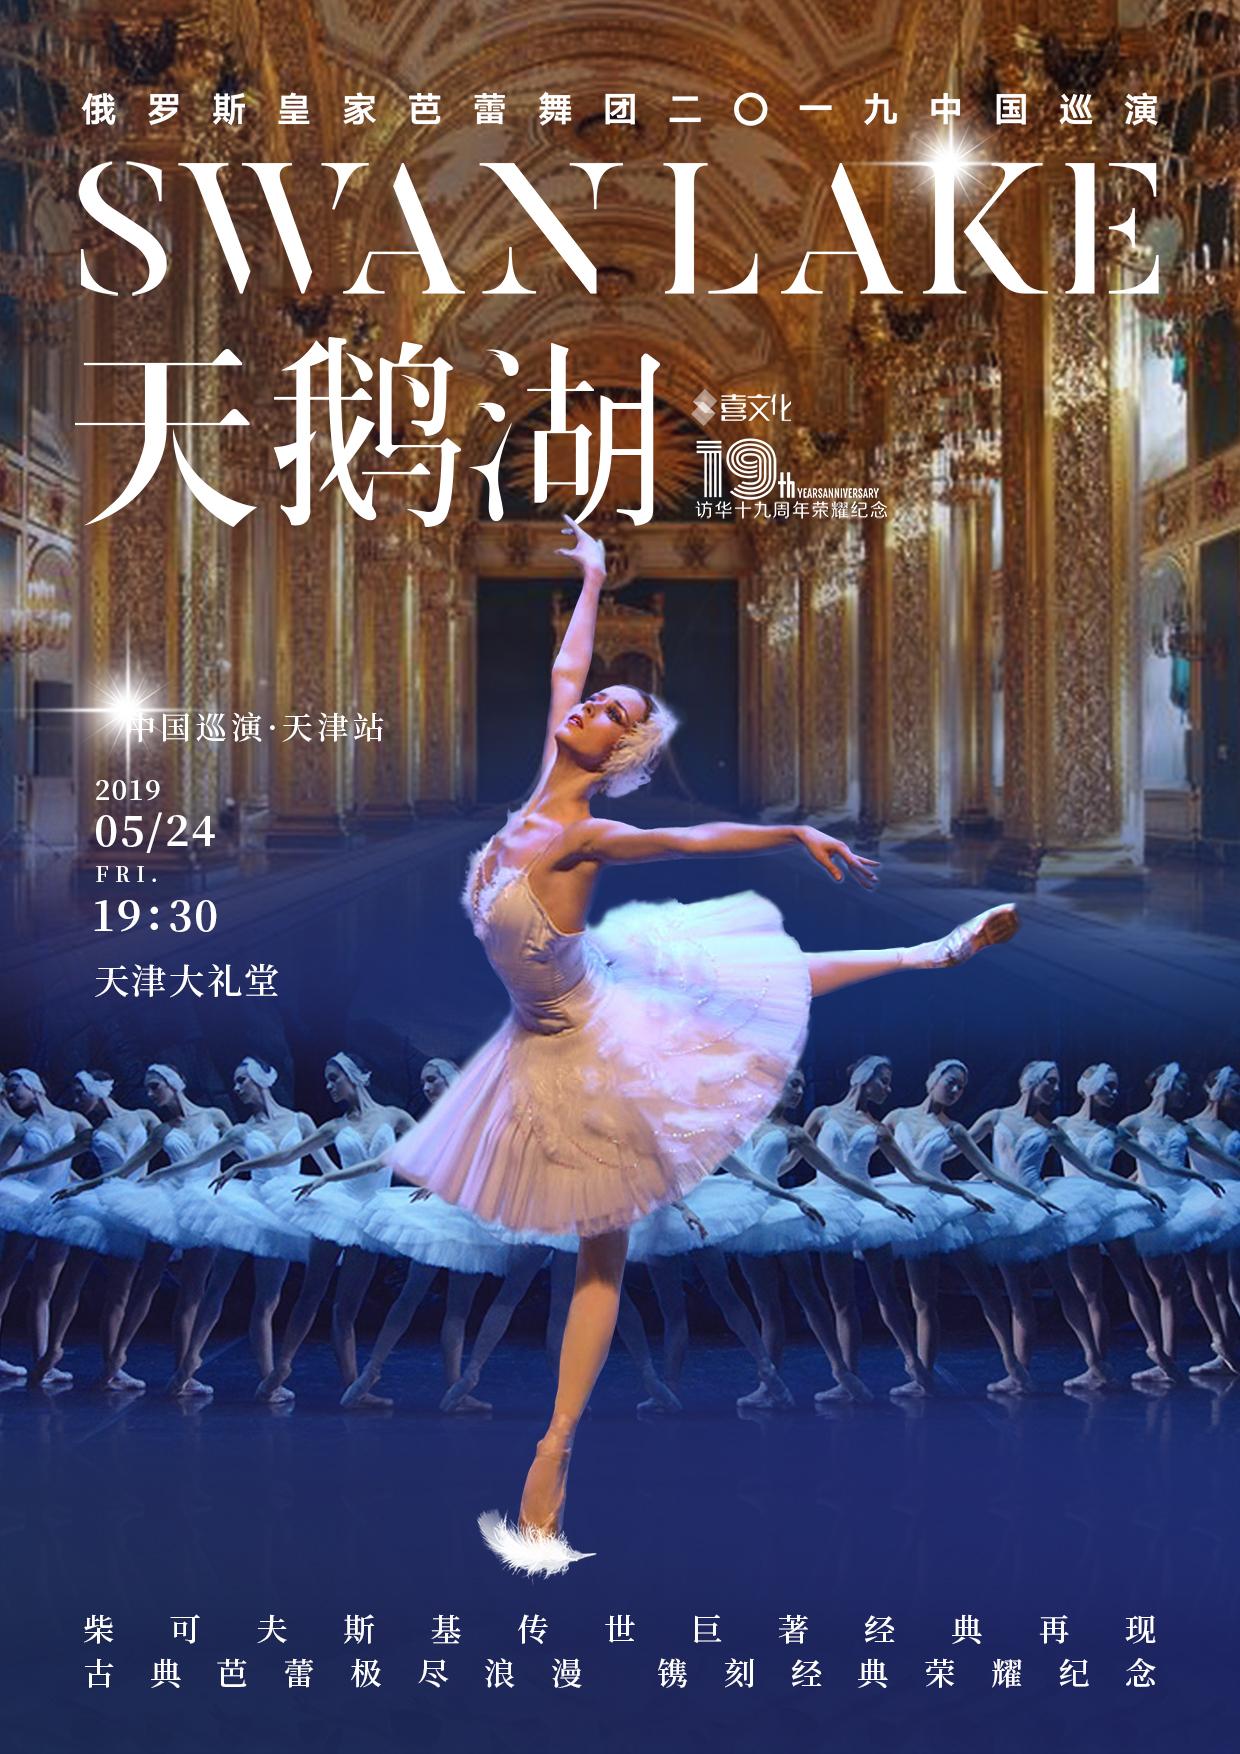 俄罗斯皇家芭蕾舞团《天鹅湖》天津站